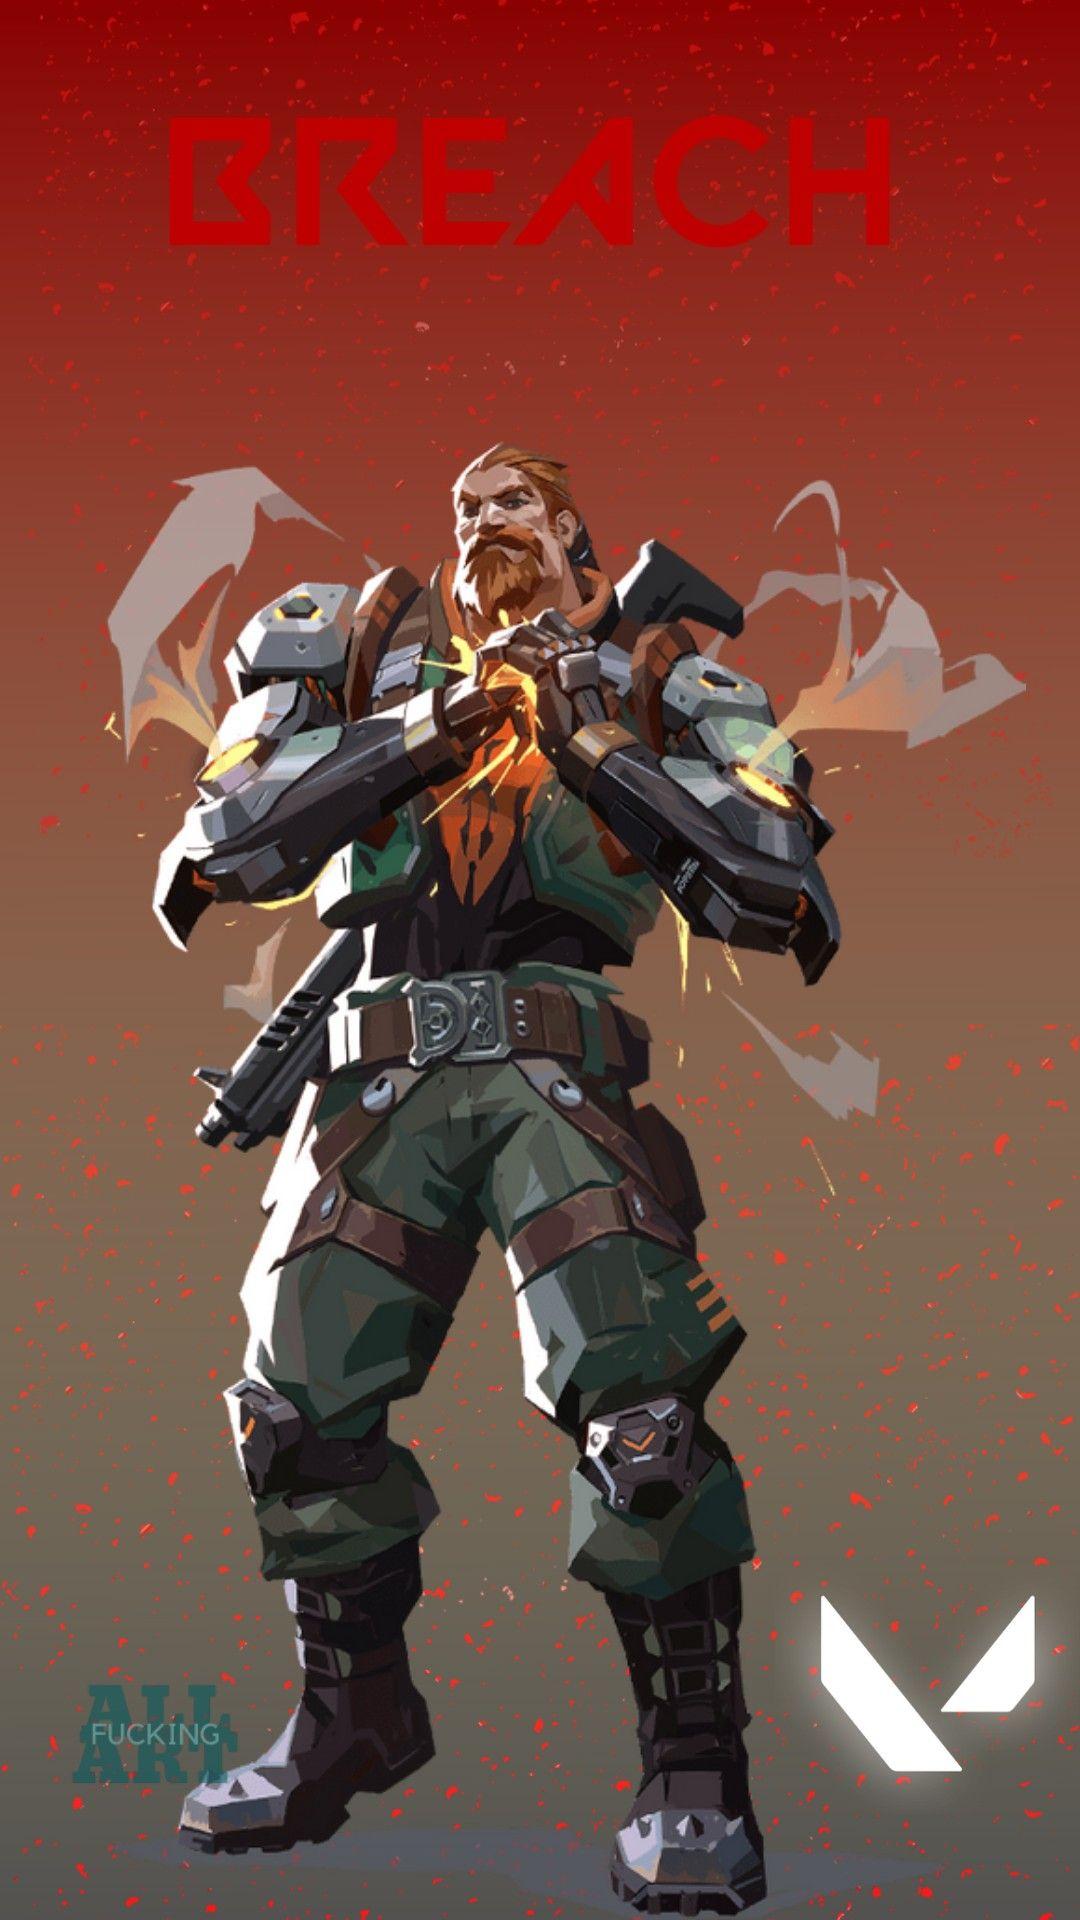 Breach em 2020 Personagens de anime, Wallpaper, Anime